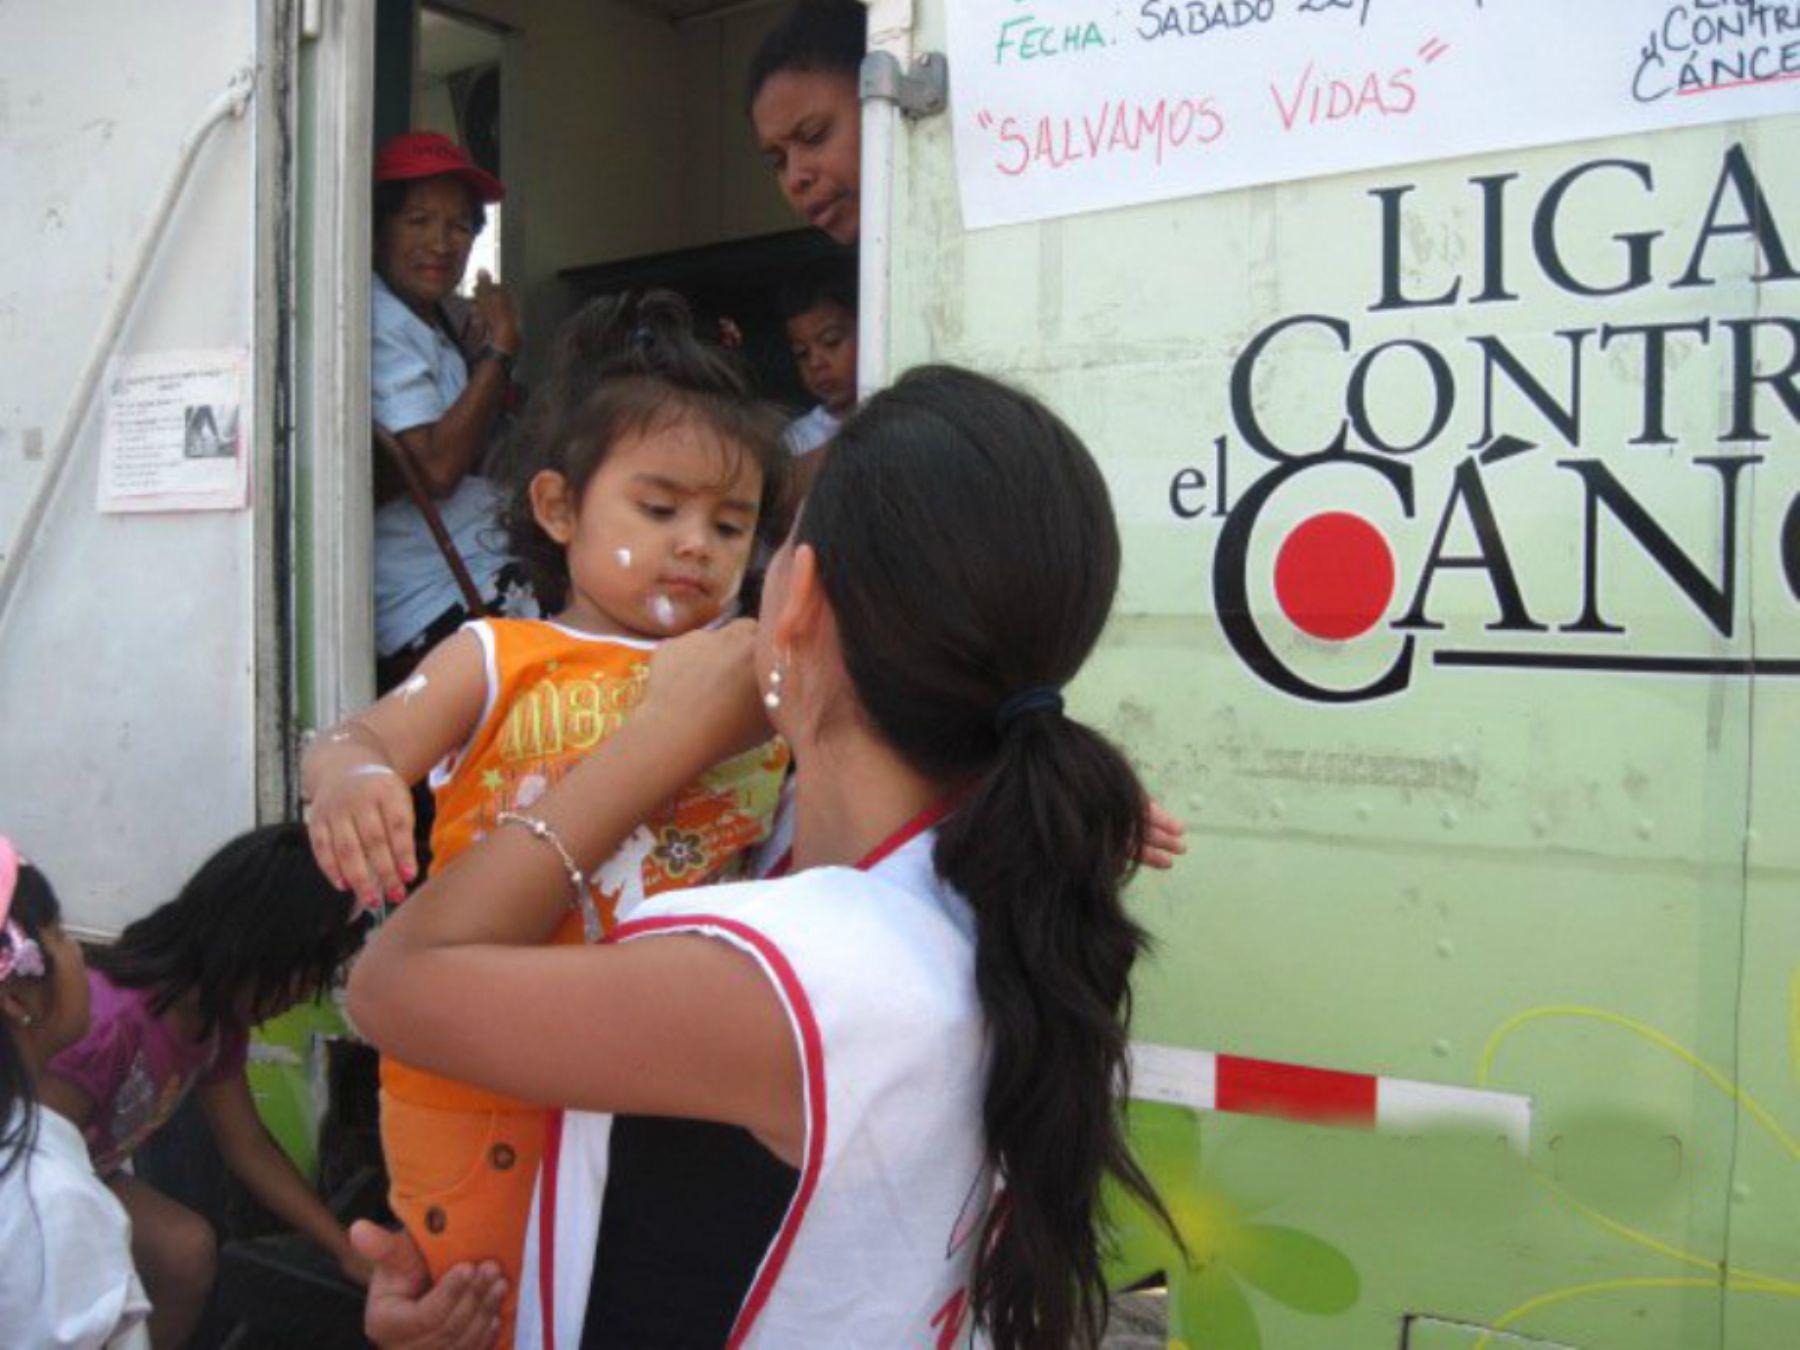 Buscan recaudar fondos para continuar labor de Liga contra el Cáncer. Foto:. ANDINA/Difusión